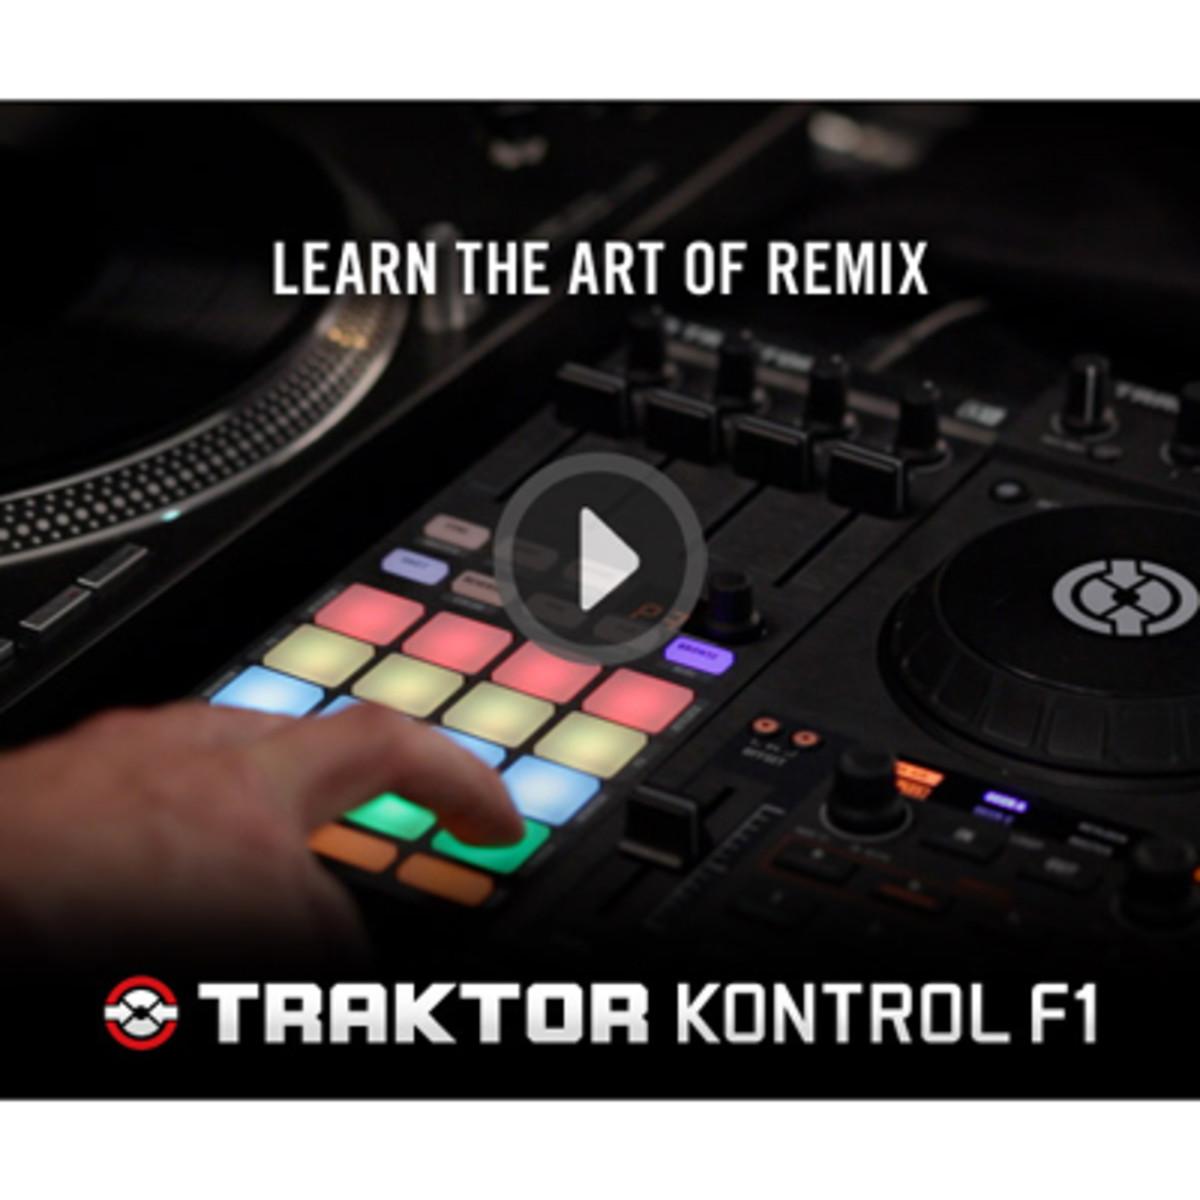 traktorf1videos.jpg